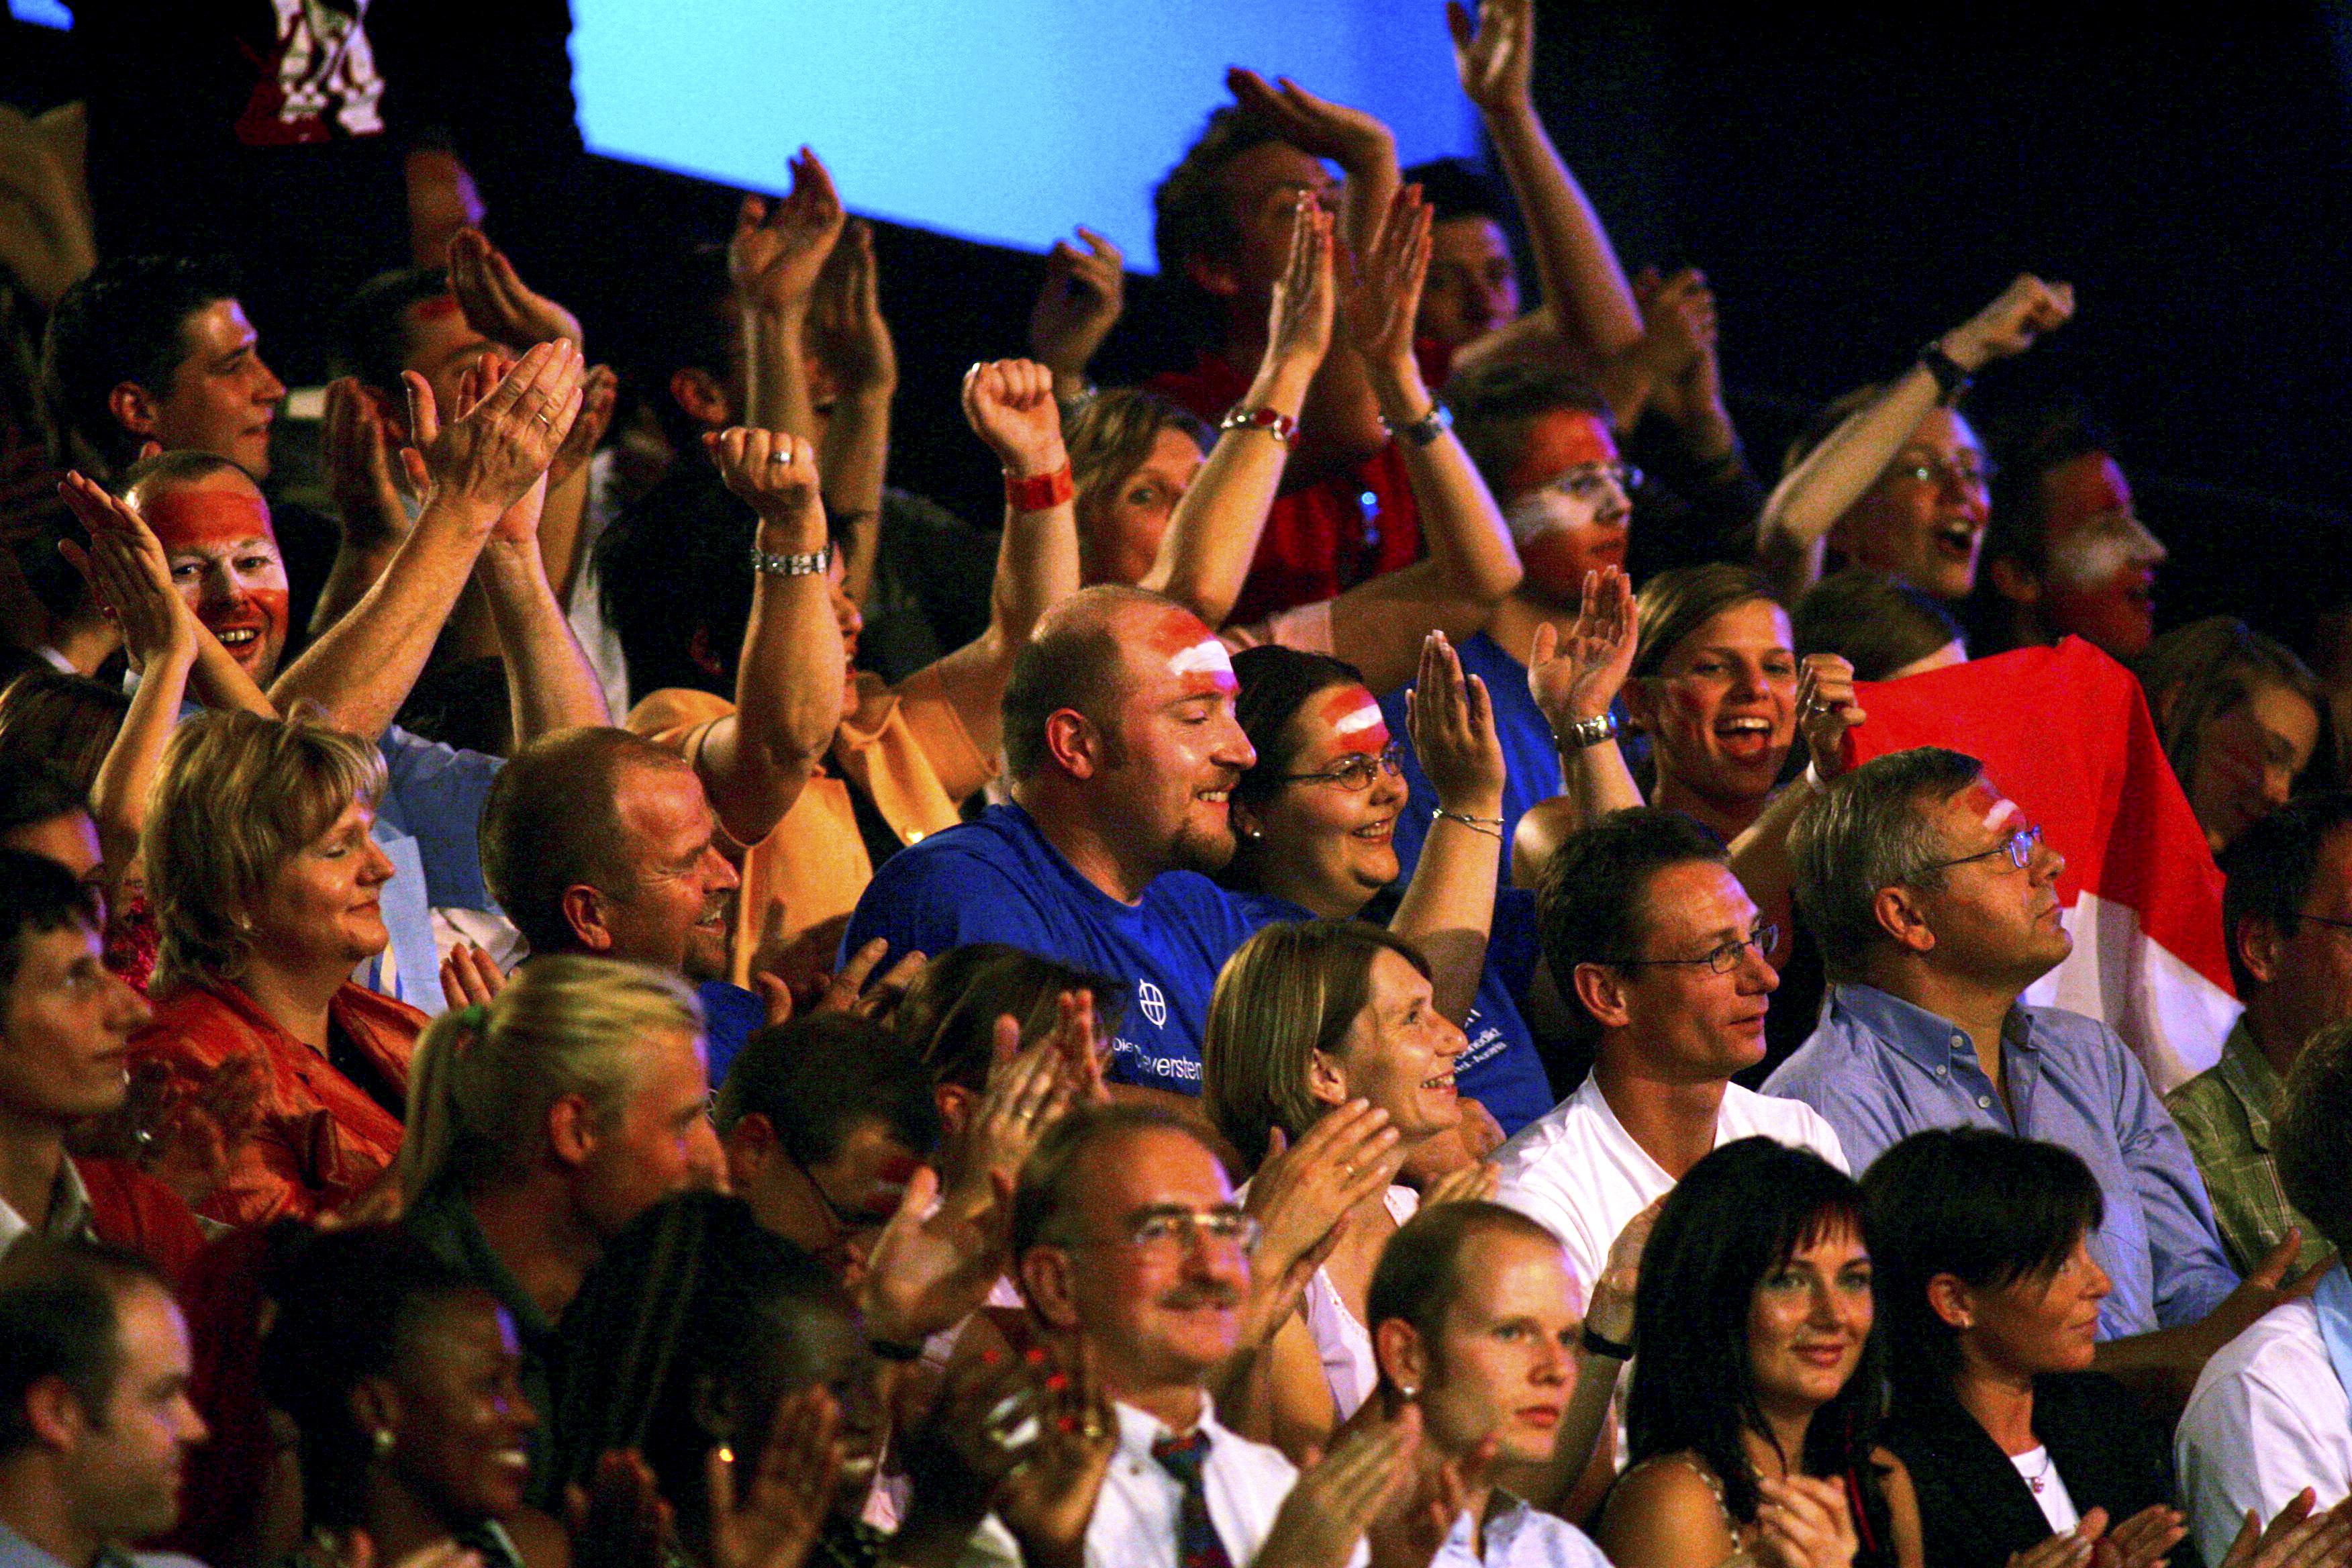 Das Publikum so richtig in Stimmung bringen - das ist die Aufgabe eines Warm-Uppers. (Foto: dpa)